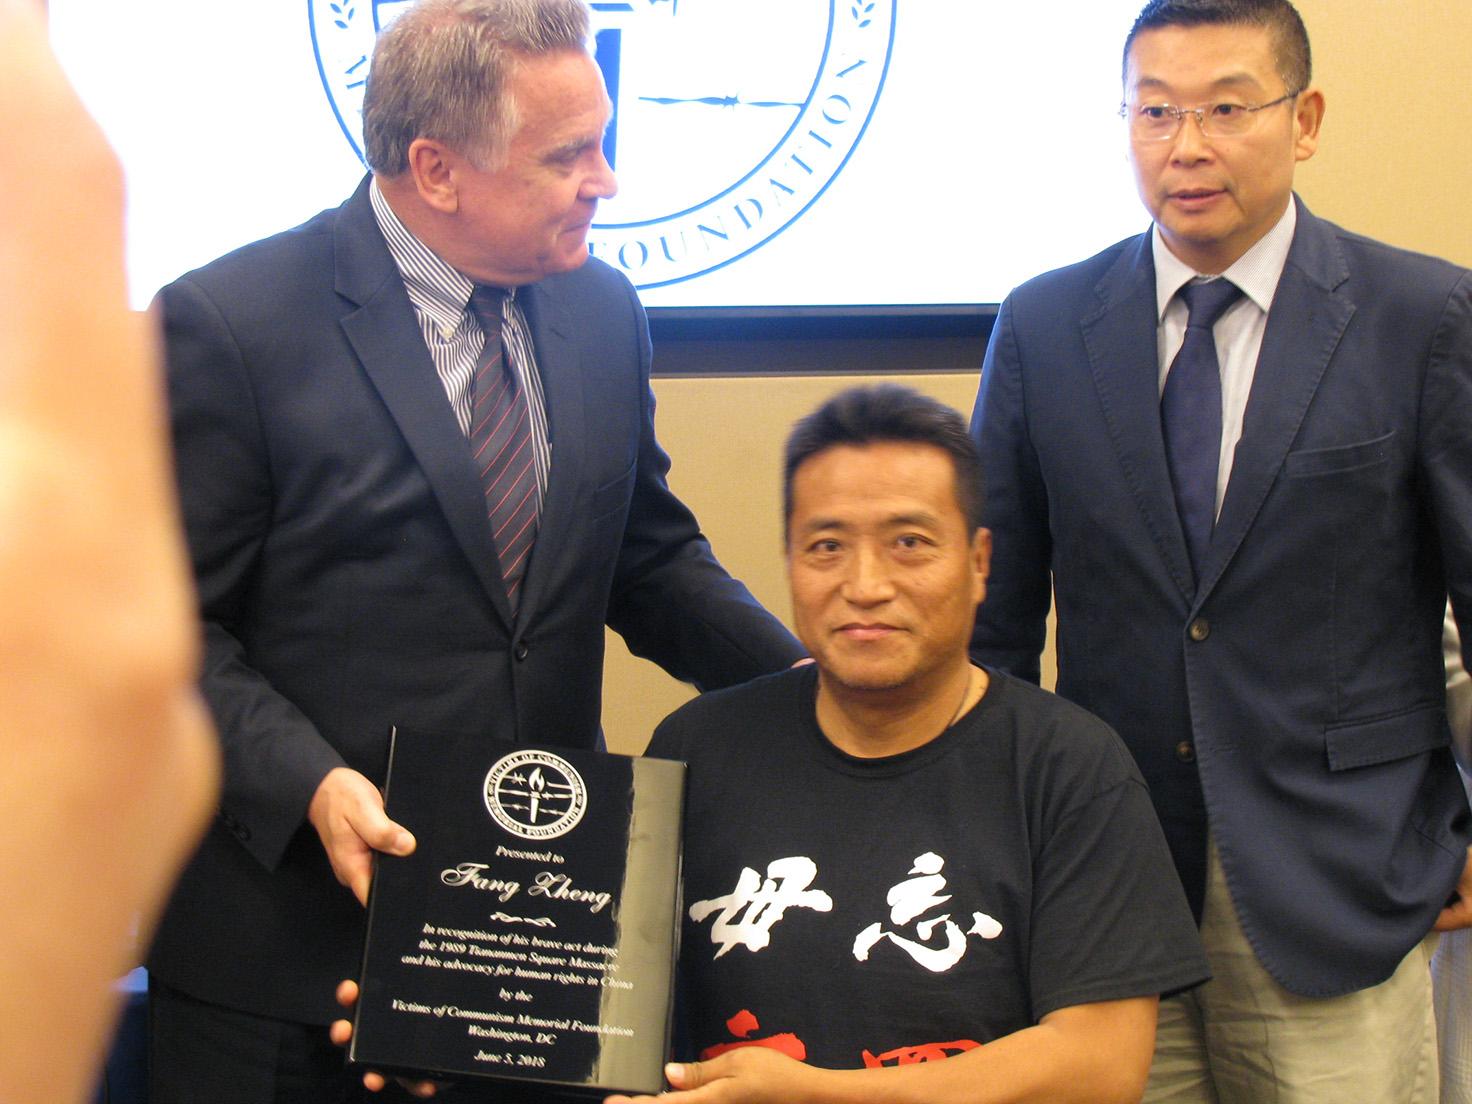 美国会议员史密斯(左)向方政(中)颁奖,右为杨建利。(林坪摄影)